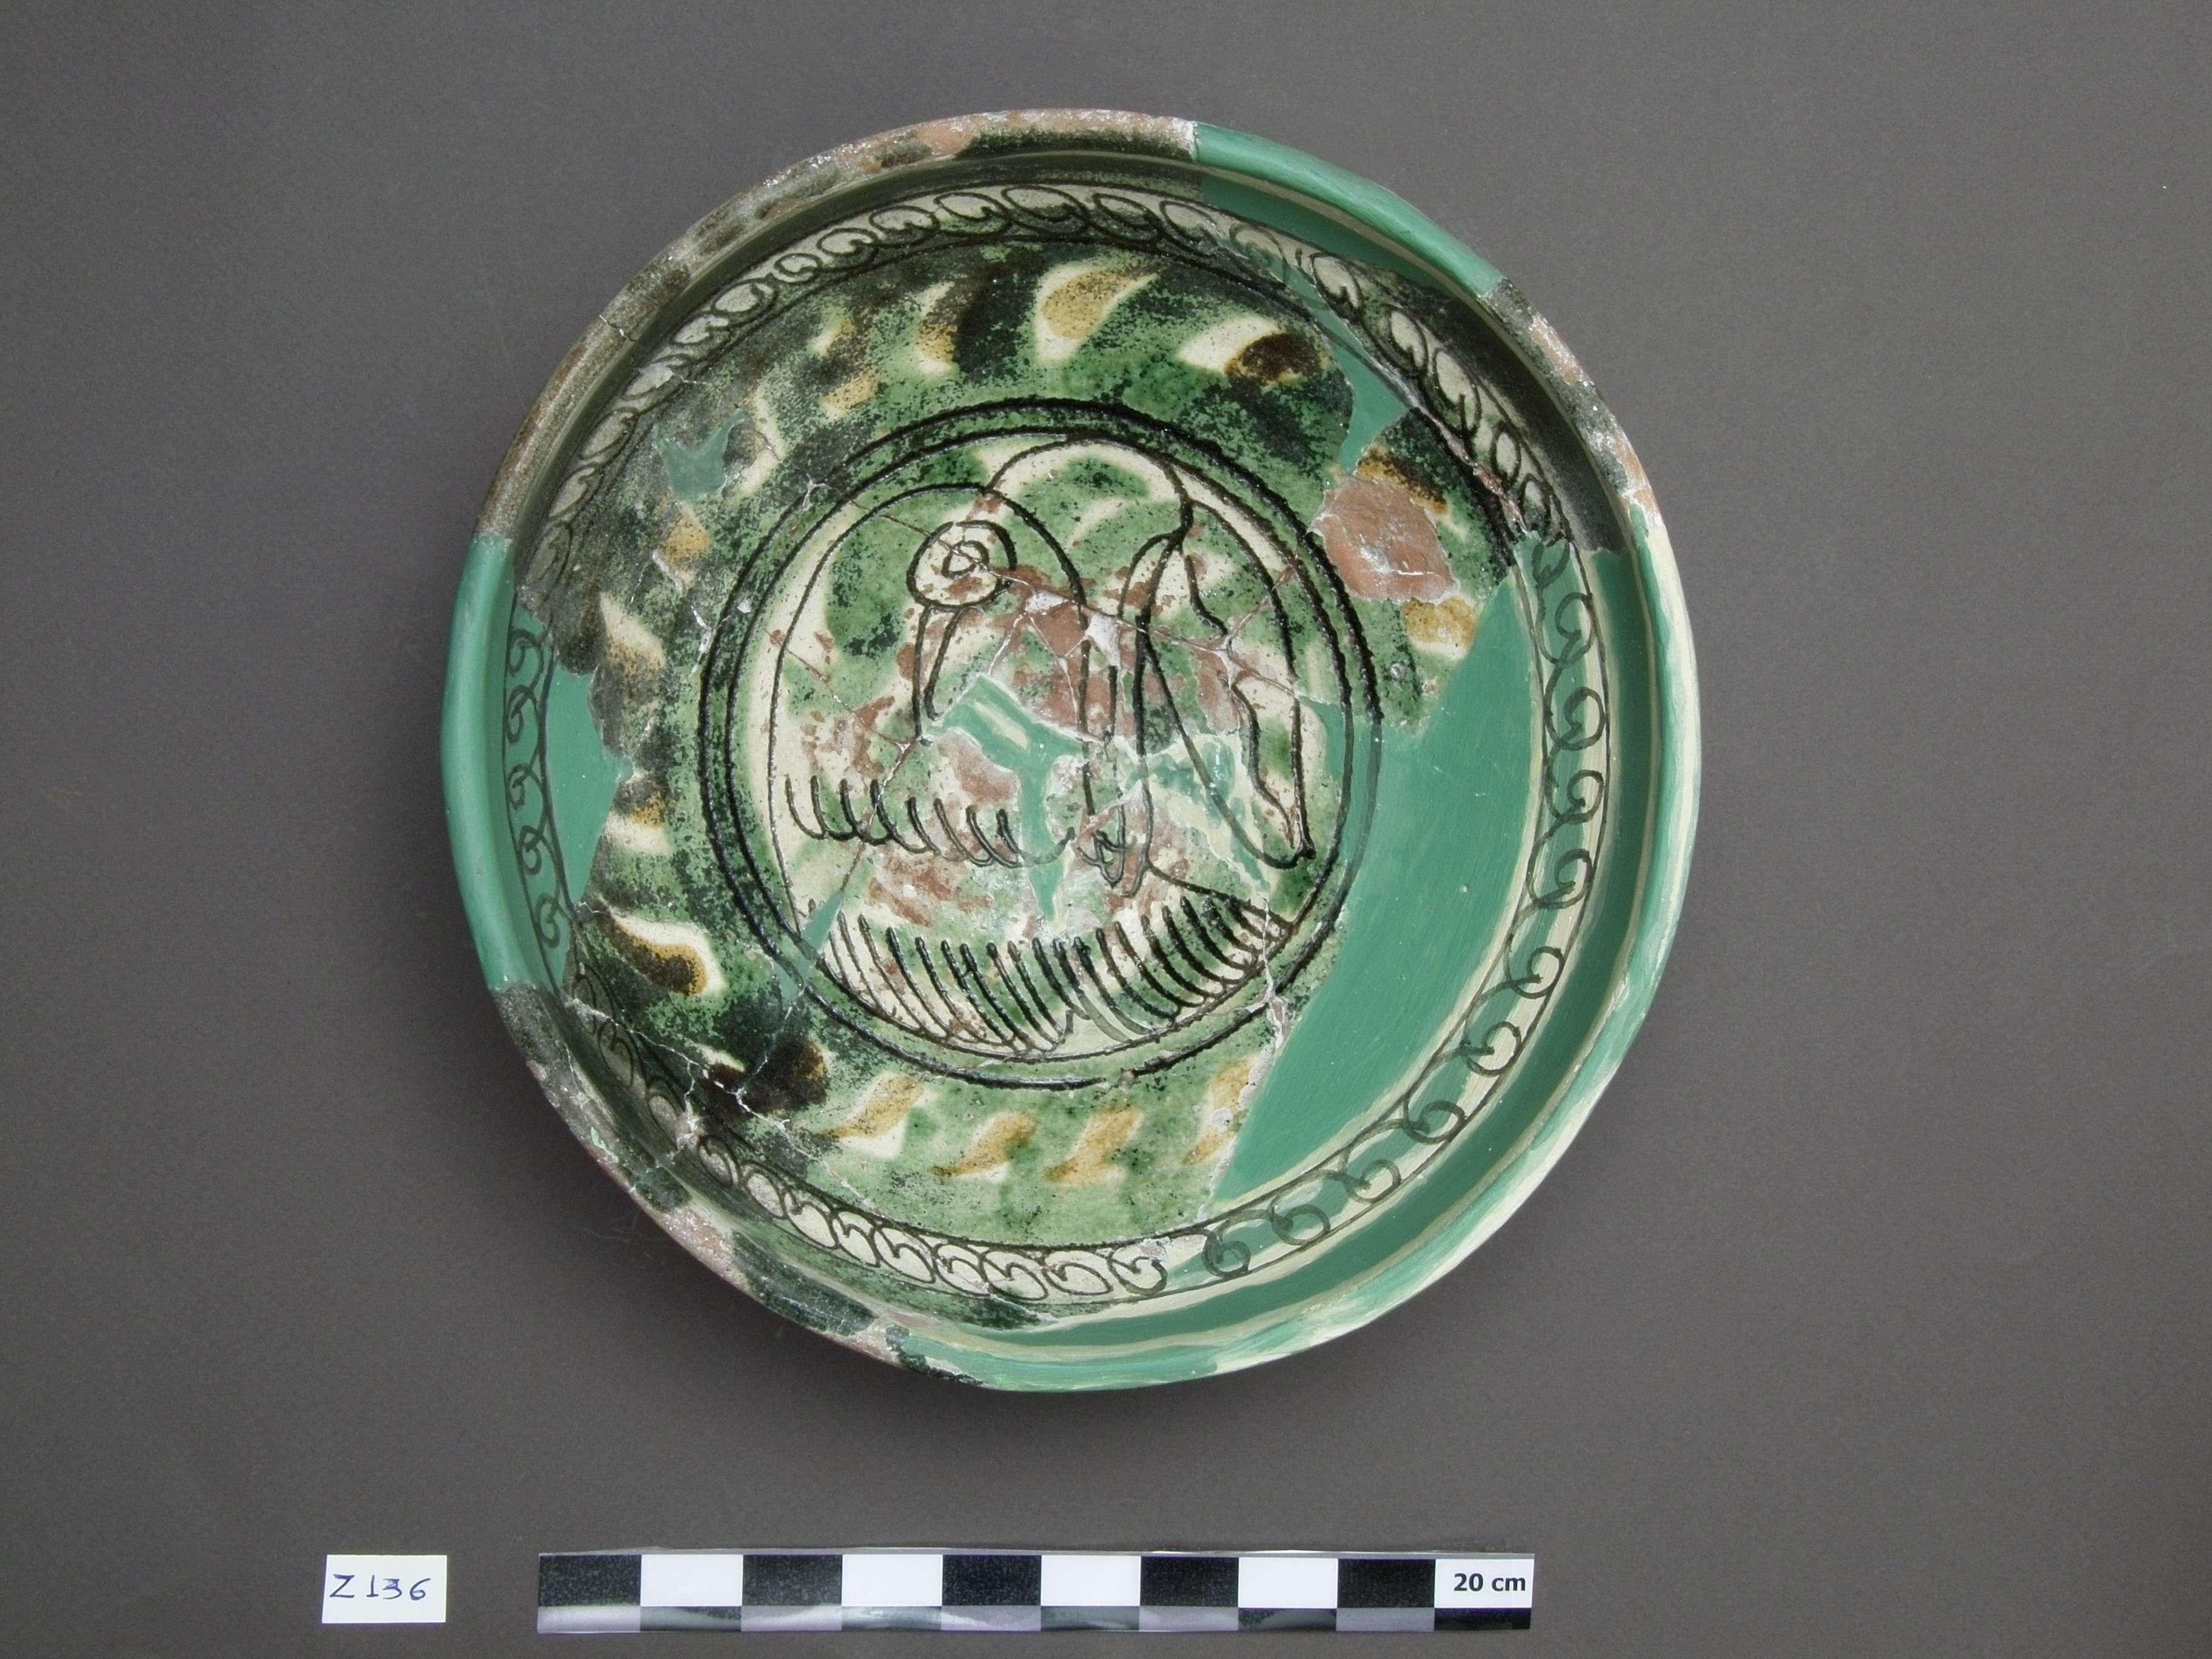 Εφυαλωμένη κούπα από εργαστήριο της Ιερισσού 12ος αι. Βρέθηκε στη μονή Ζυγού στην Ουρανούπολη.